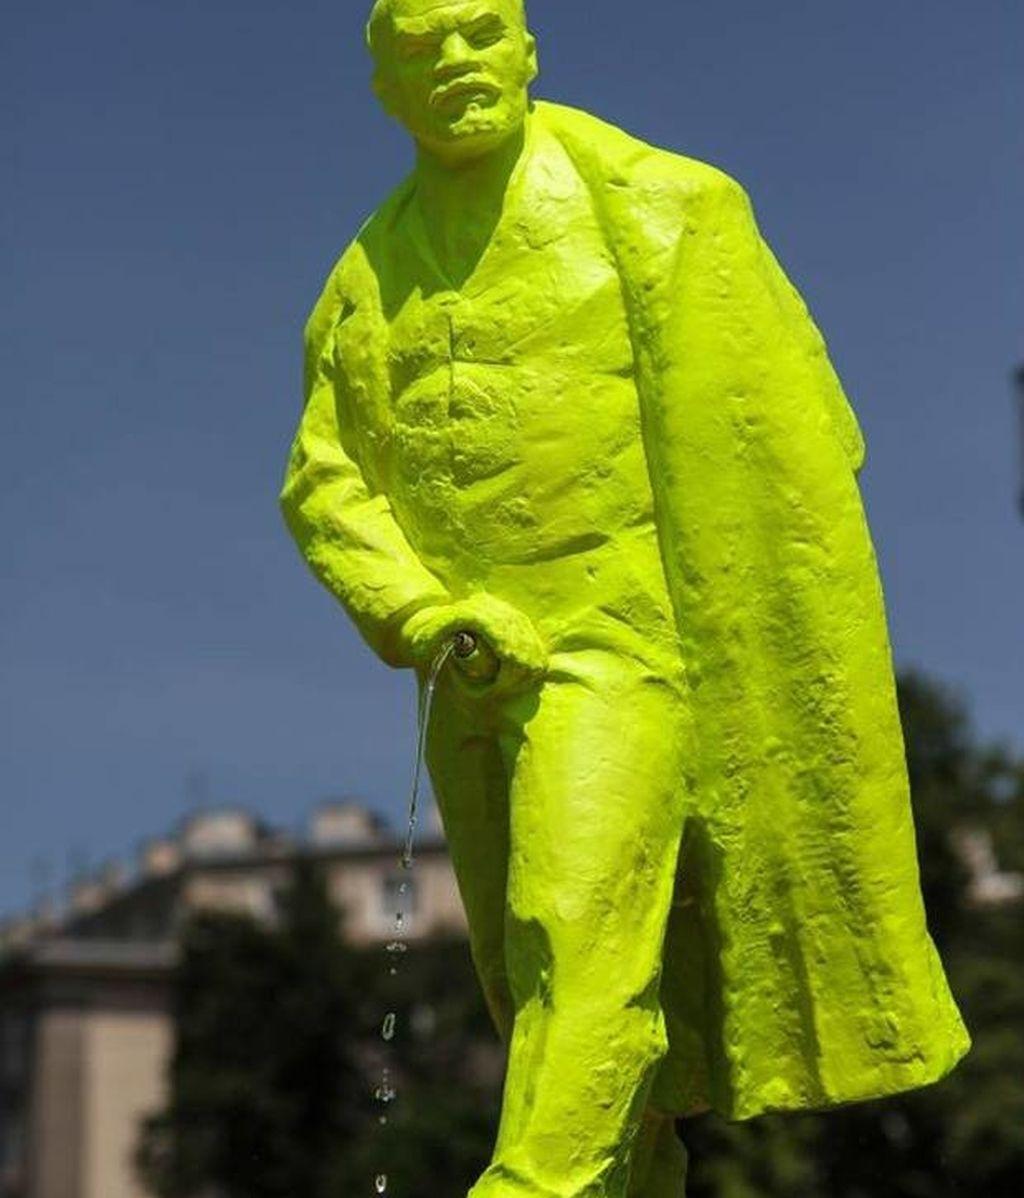 Estatua fluorescente de Lenin en la ciudad polaca de  Nowa Huta